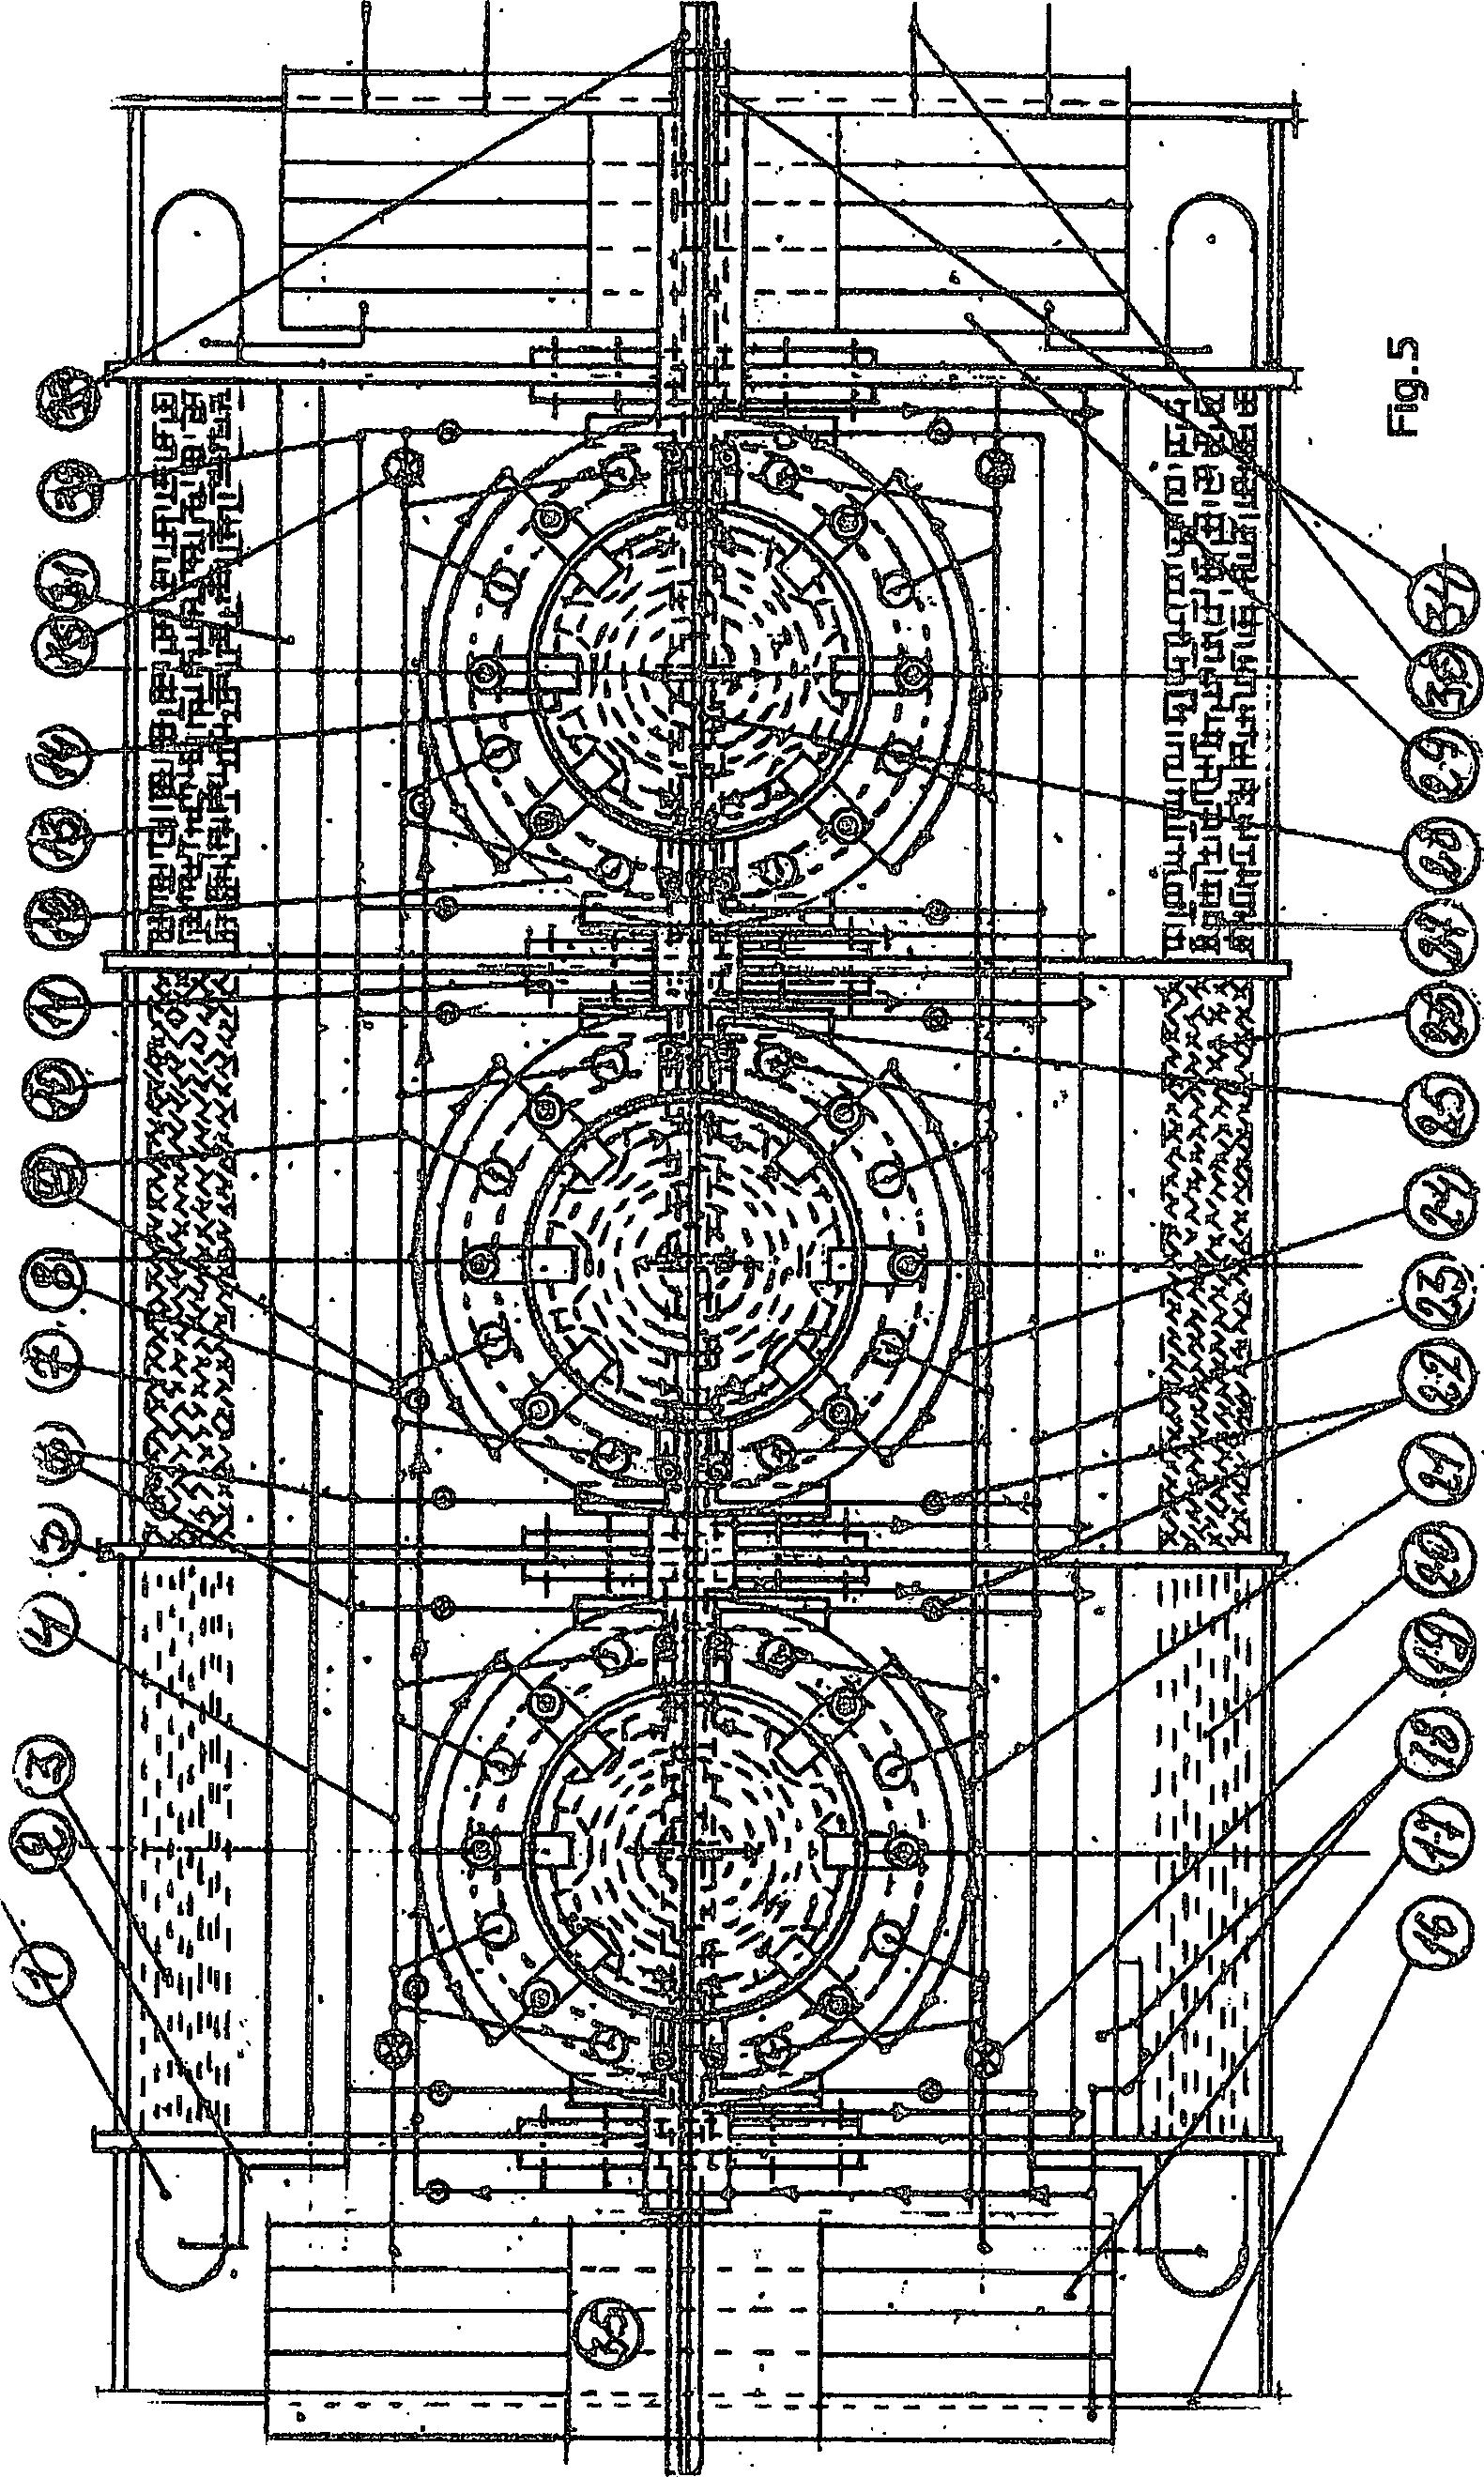 Erfreut Geschaltetes Ausgangsdiagramm Galerie - Der Schaltplan ...